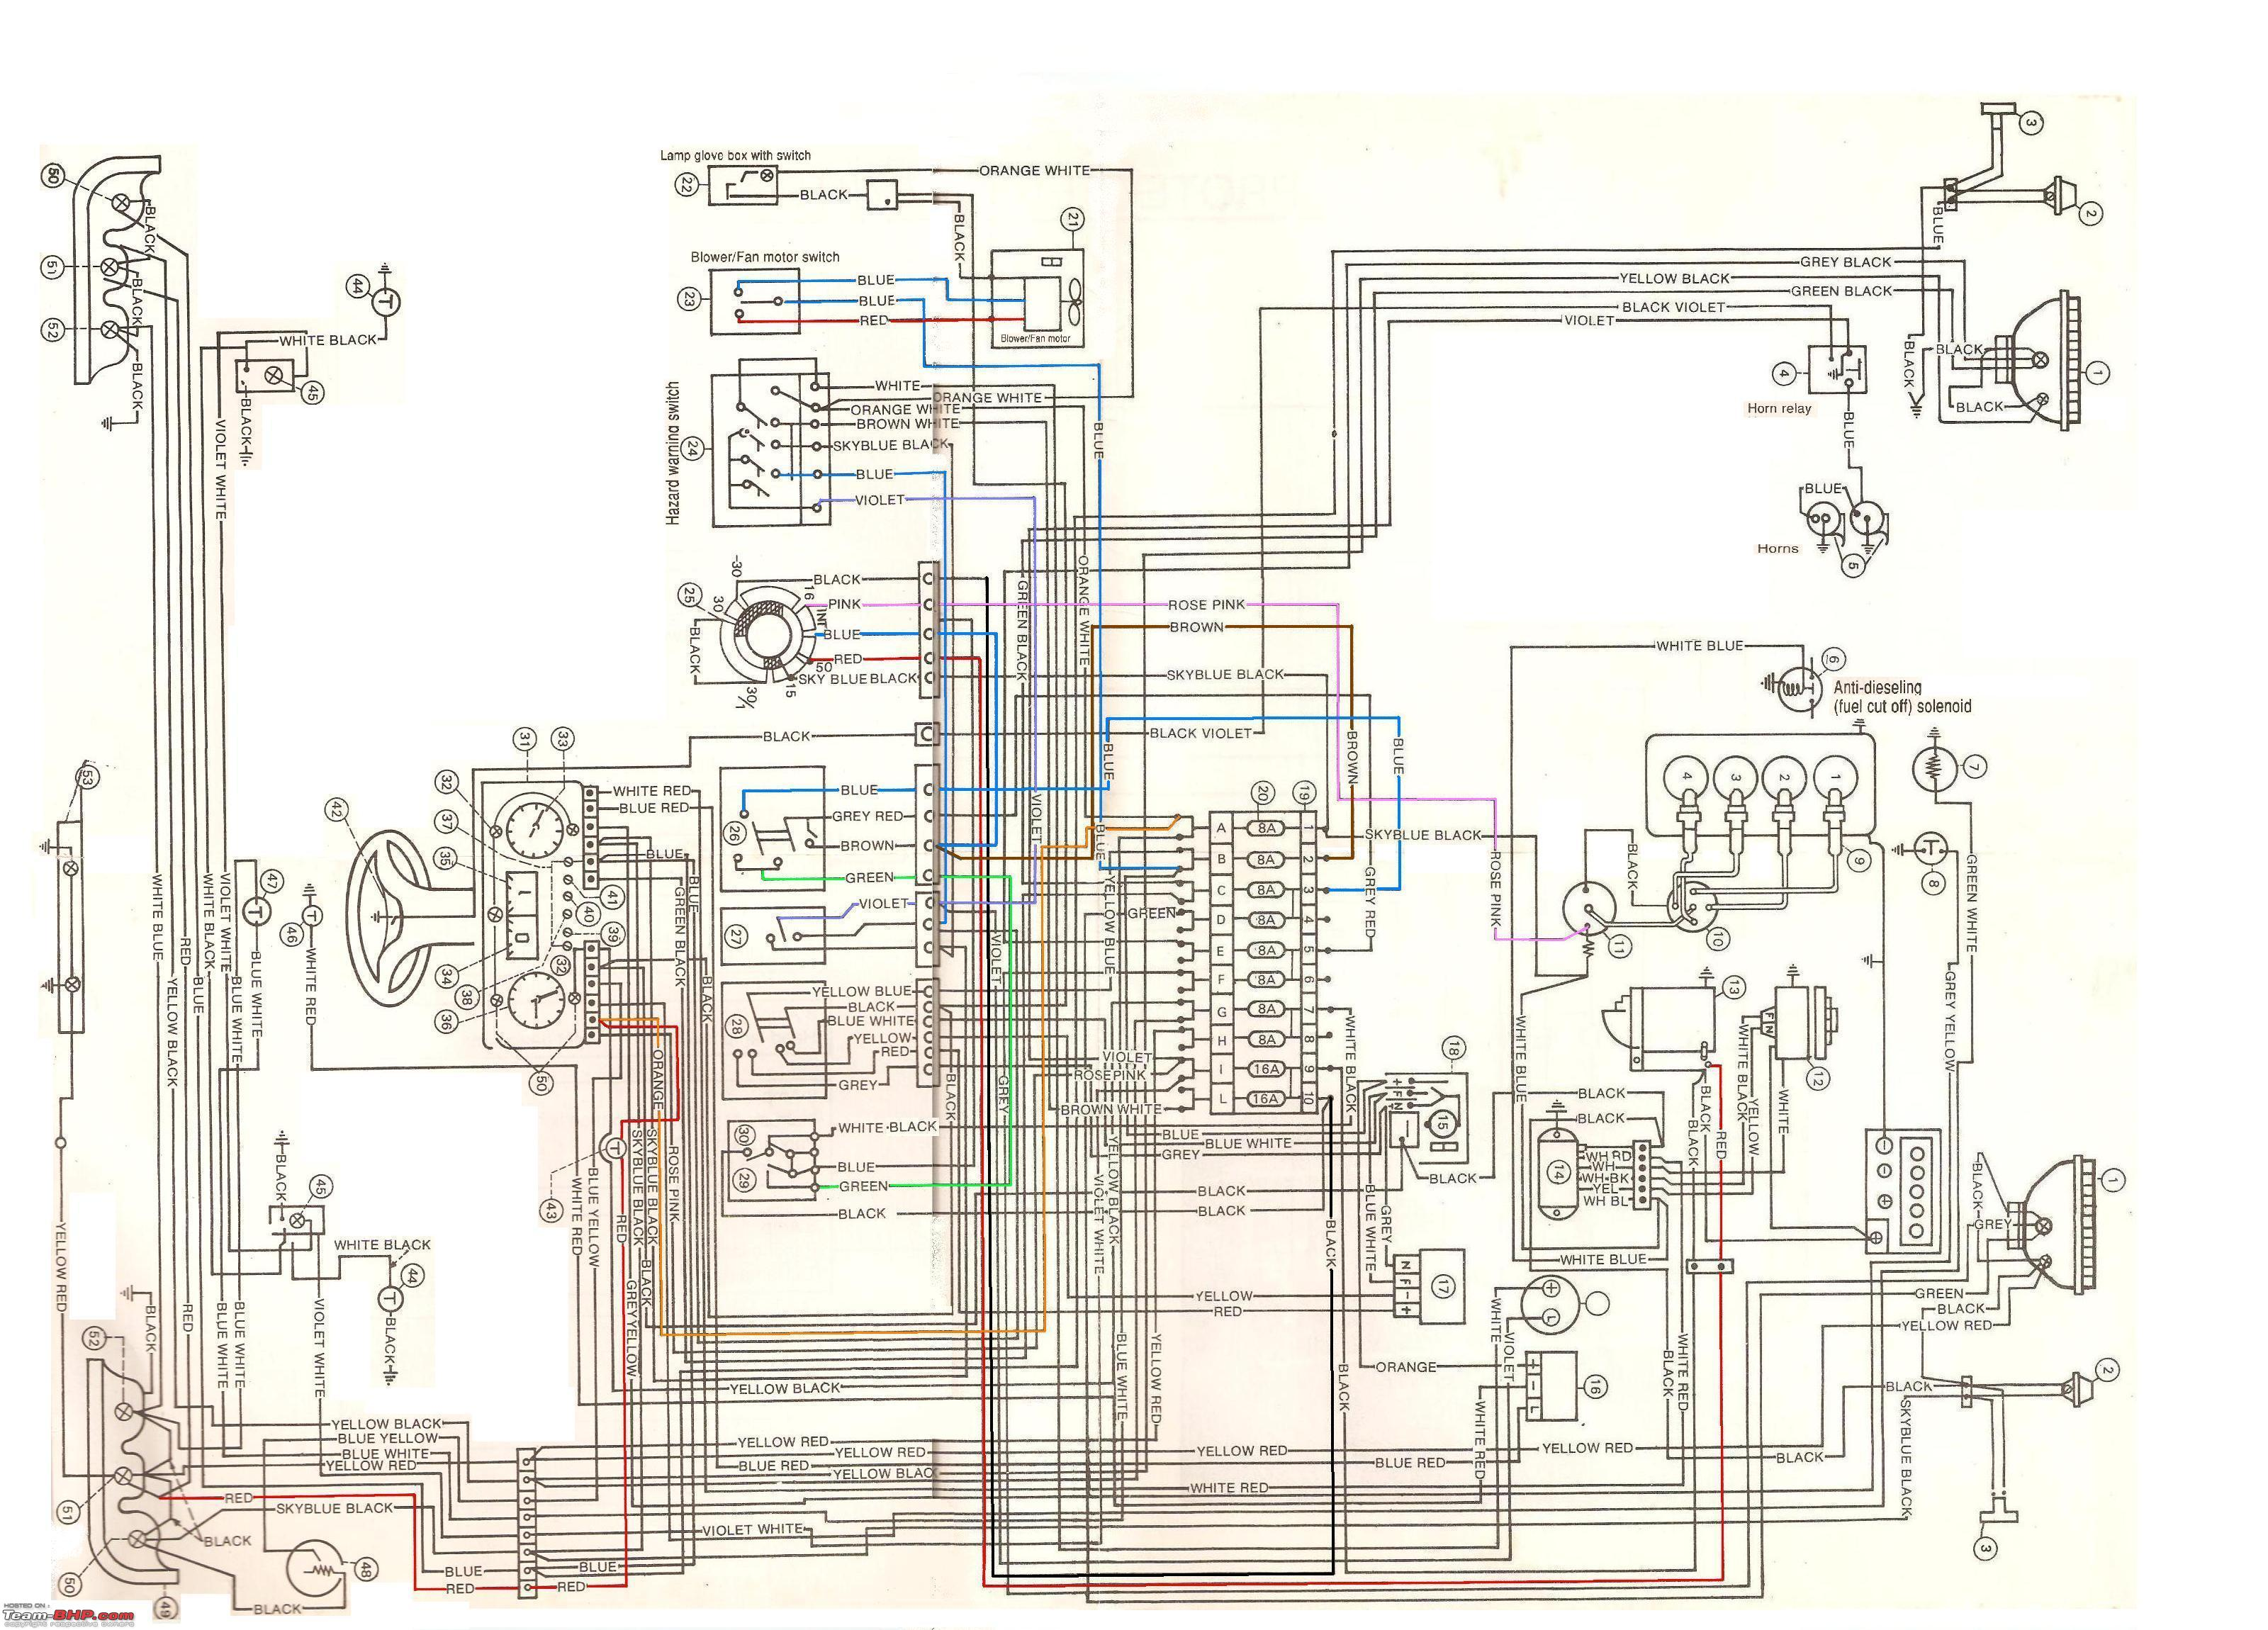 suzuki wiring diagram pdf schematics wiring diagrams u2022 rh seniorlivinguniversity co suzuki vitara wiring diagram pdf suzuki grand vitara wiring diagram pdf